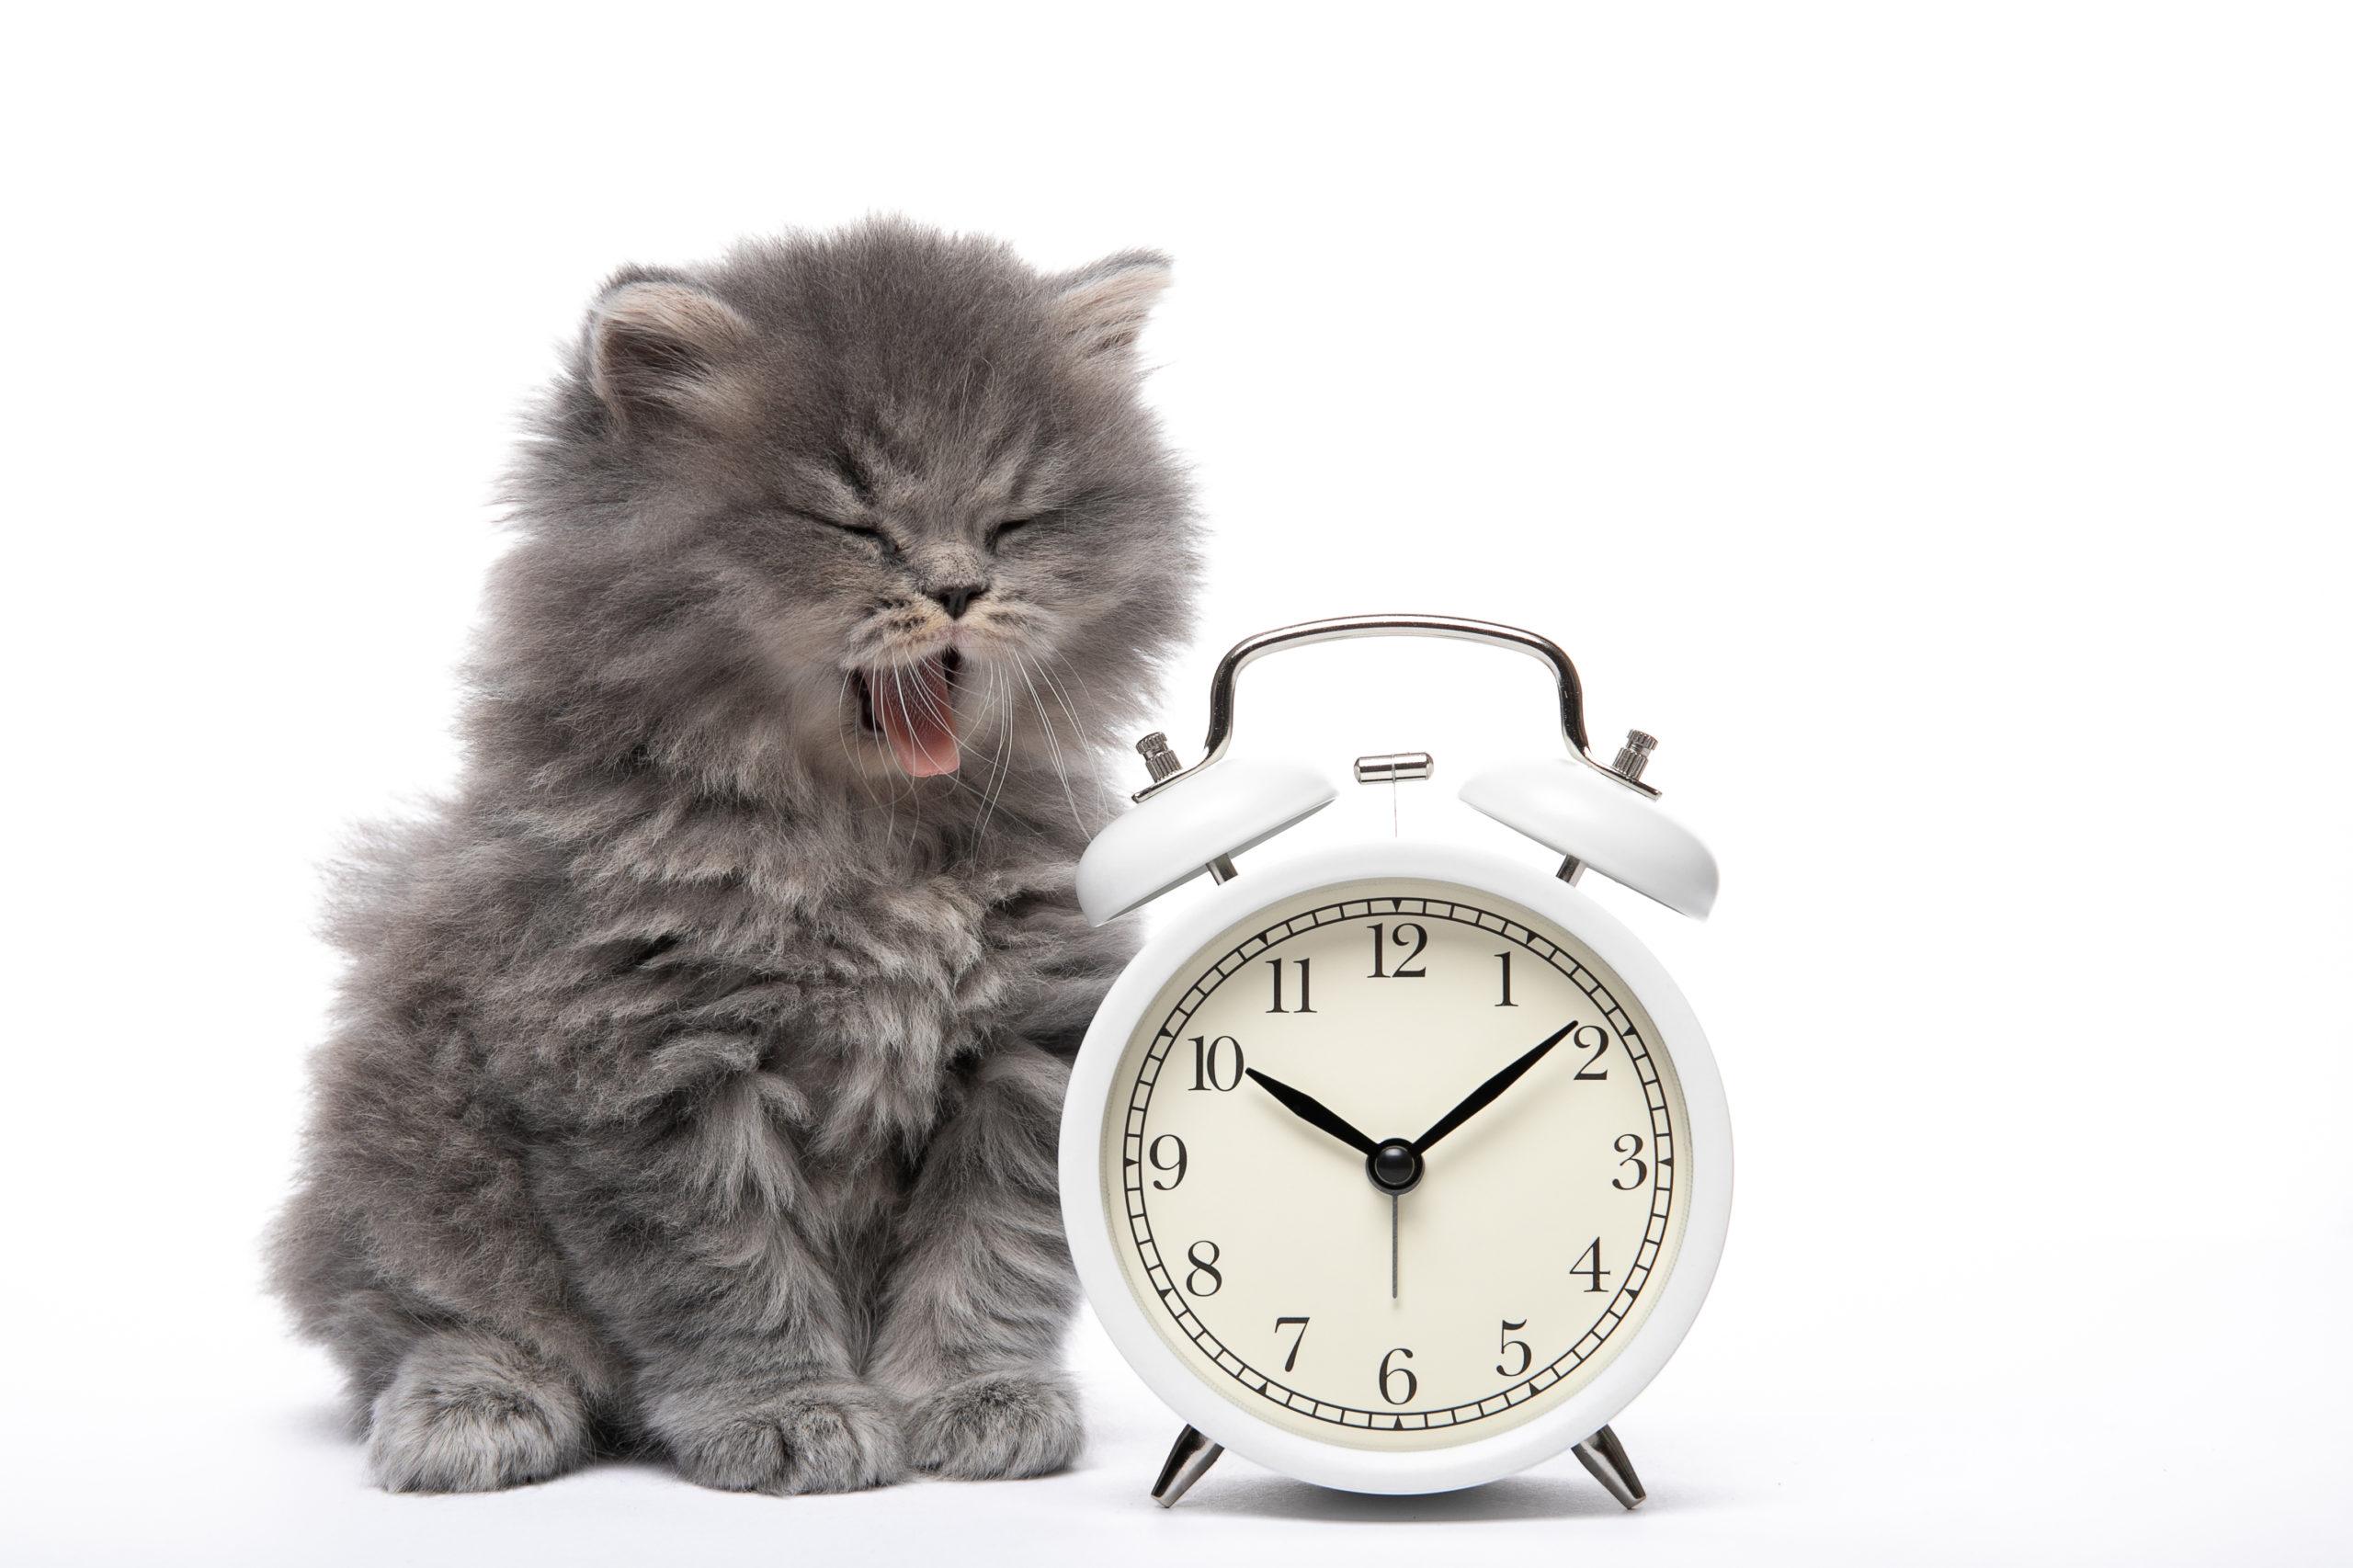 猫のあくびは移る?【猫には共感能力があります】